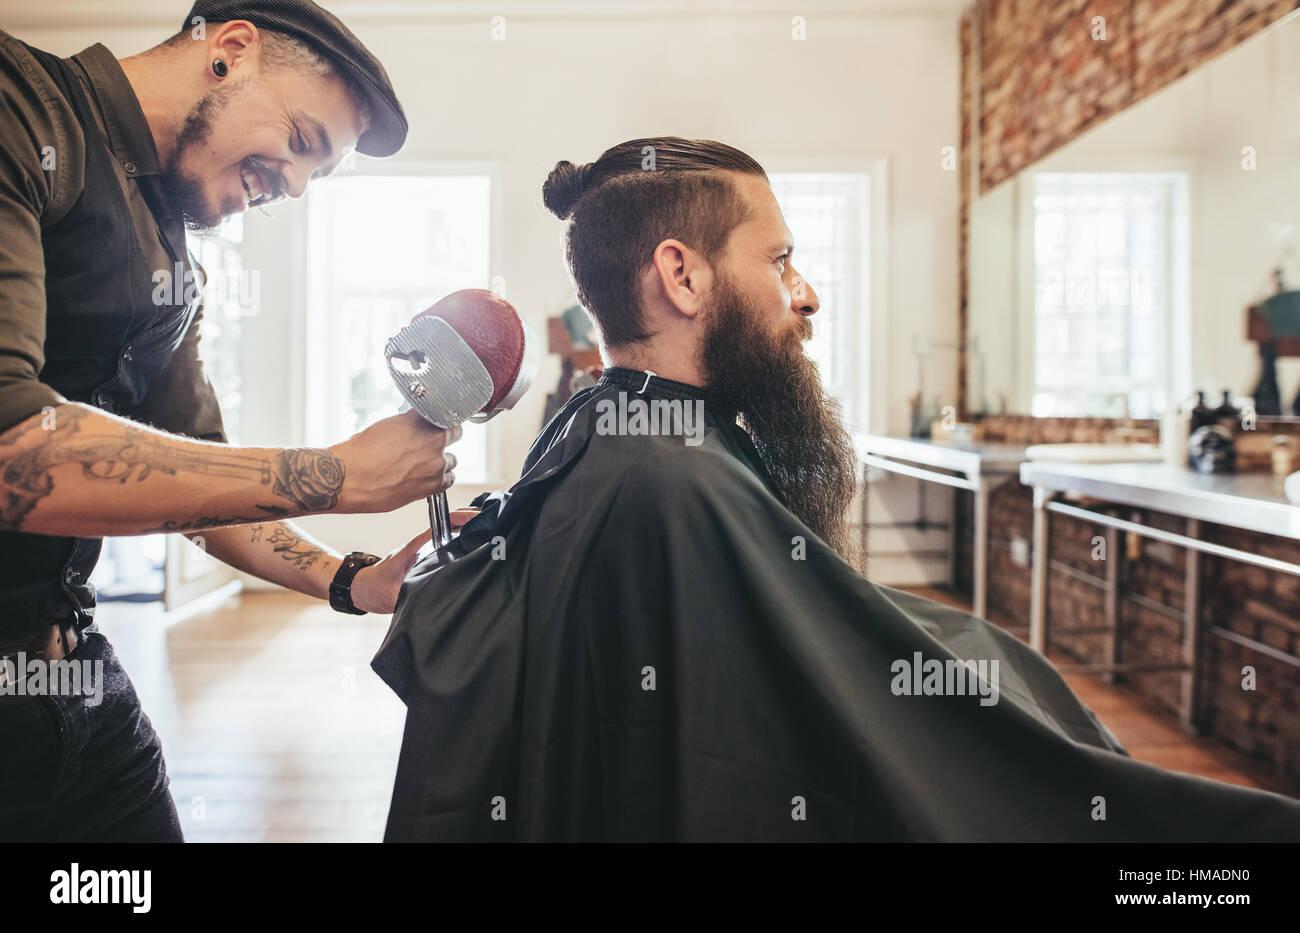 Bel uomo barbuto in un salone cape del barbiere, parrucchiere con regolazione del poggiatesta della sedia. Immagini Stock